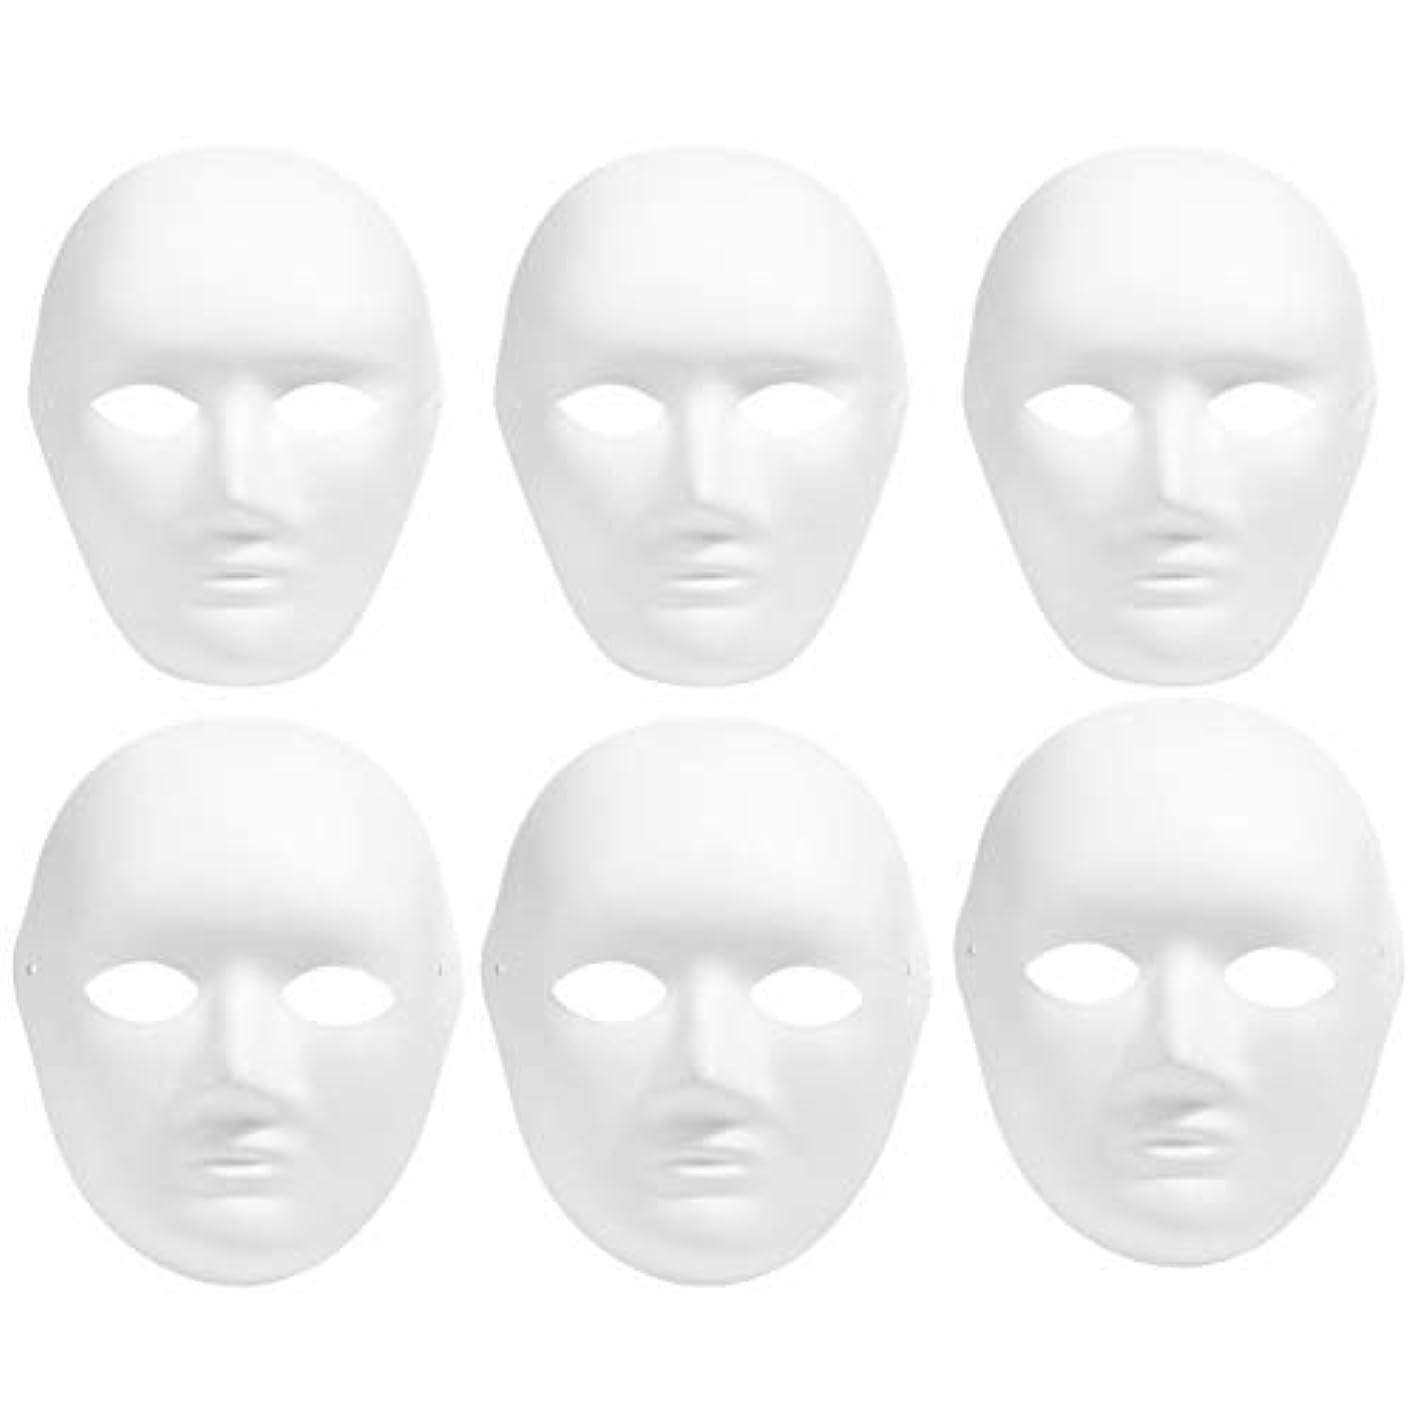 絡み合いドロップひまわりマスク ハロウィン 怖い 白い人面マスク ハロウィンマスク ハロウィン 仮装 仮面 コスプレ 6*男性?6*女性